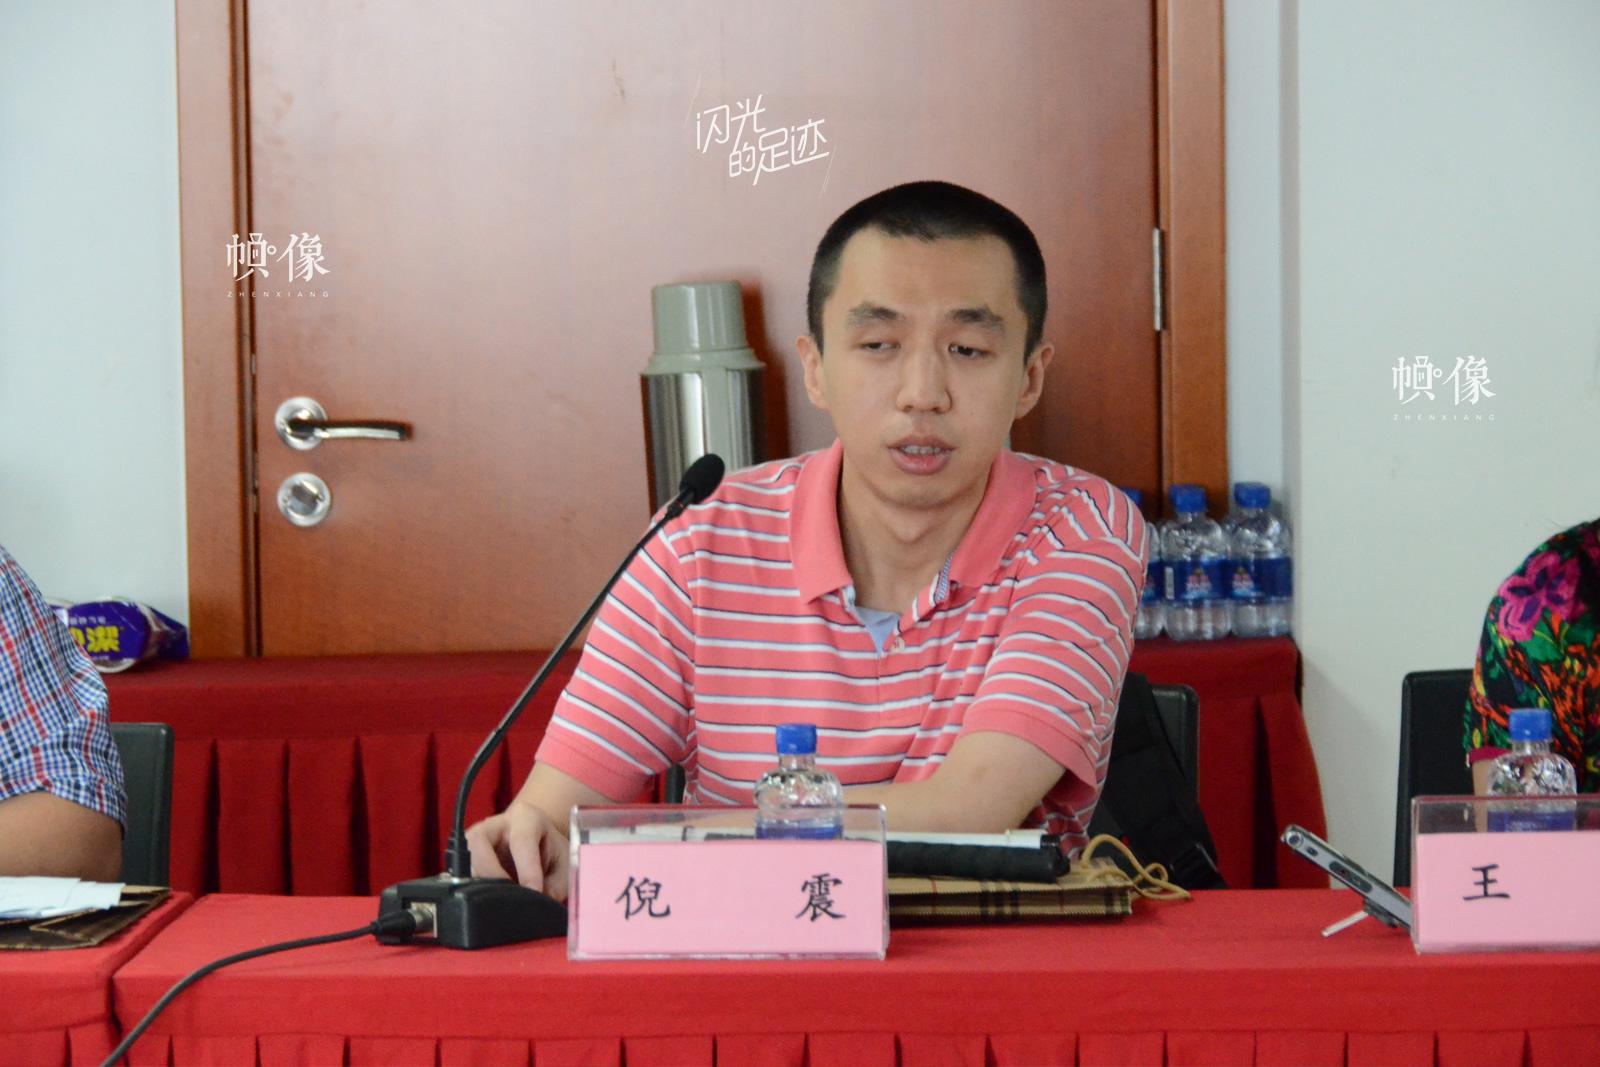 2015年8月27日,视障高等融合教育支持服务研讨会在中国盲文图书馆举行。视障学生班旦久米发言。(一加一OPO供图)